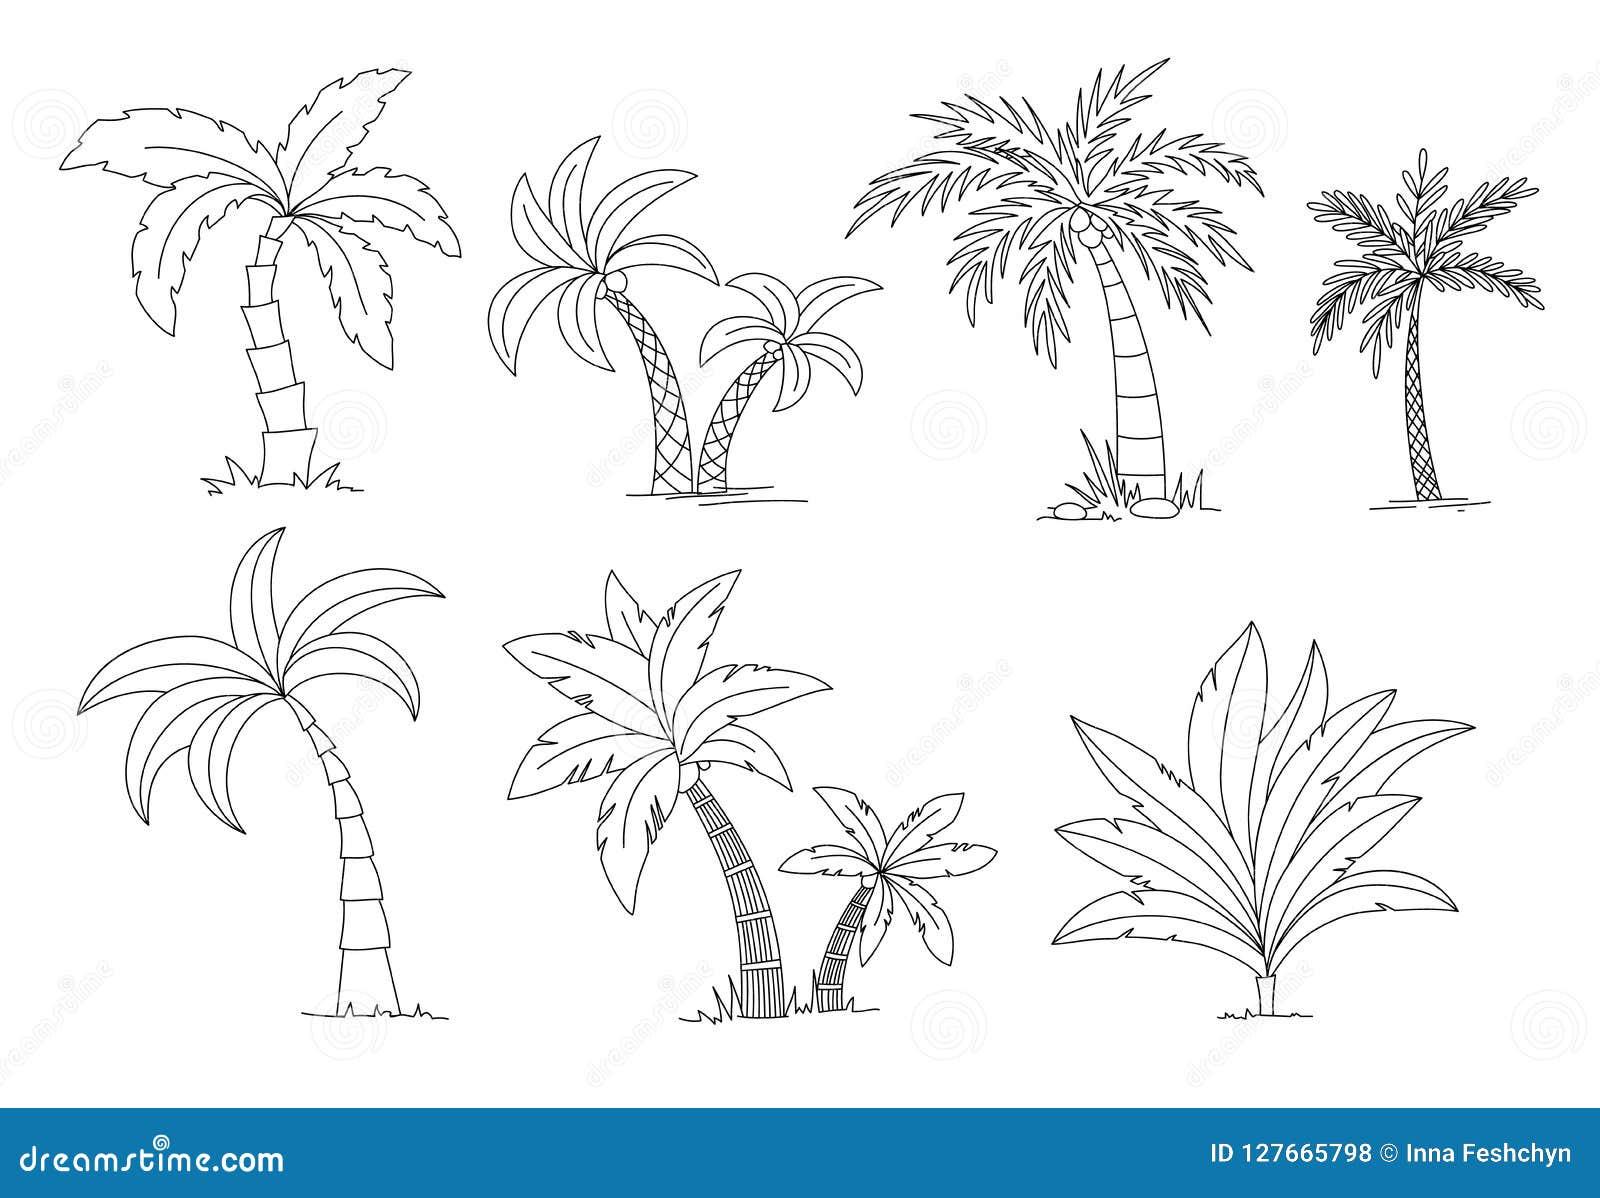 Drzewko palmowe kolorystyki książka Pięknego vectro palmy drzewa ustalona wektorowa ilustracja